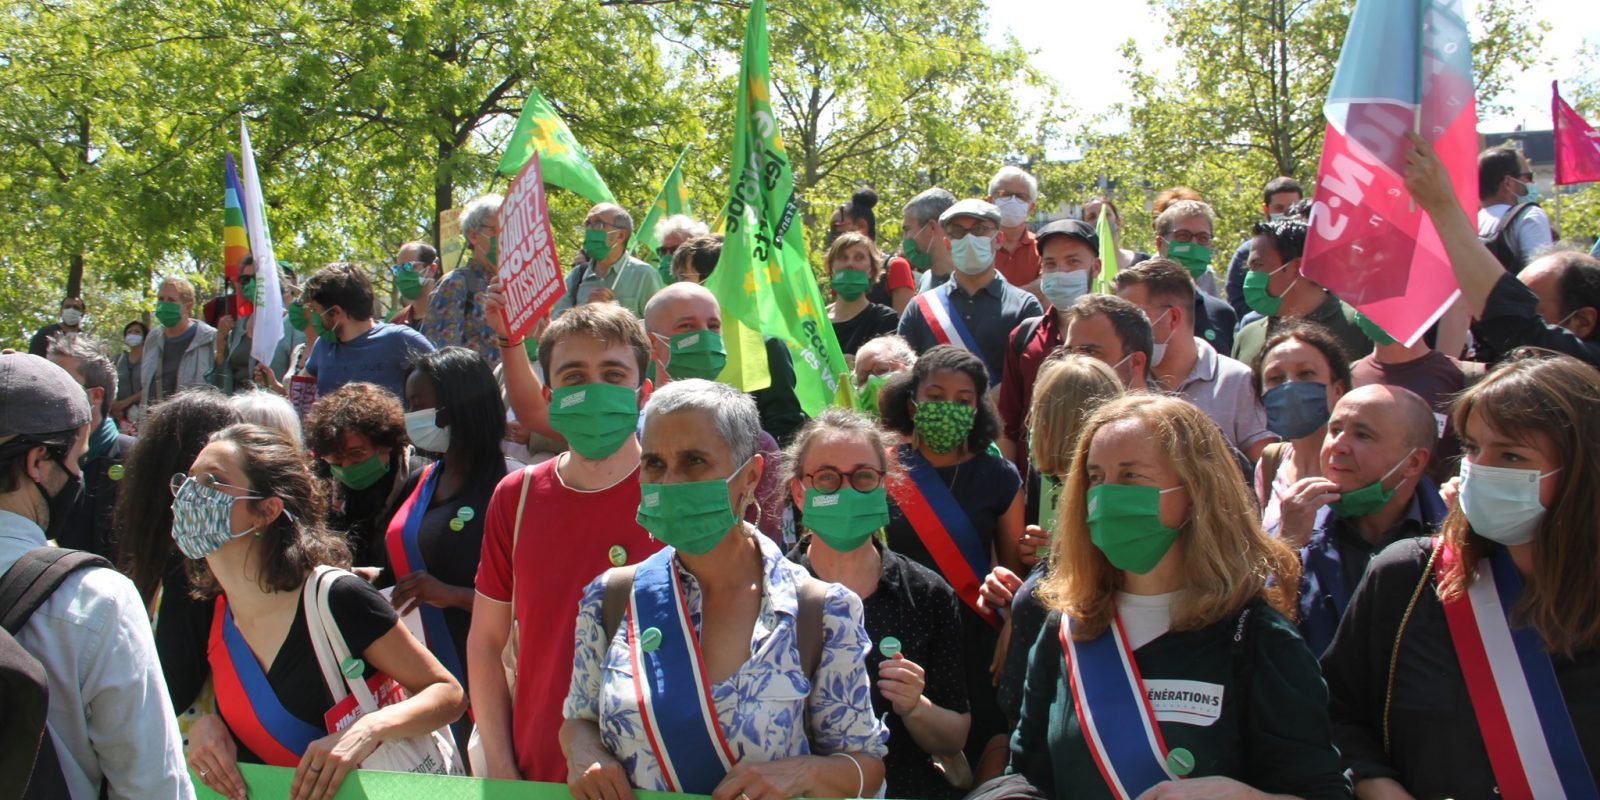 Marche pour le Climat 09:05 - 6